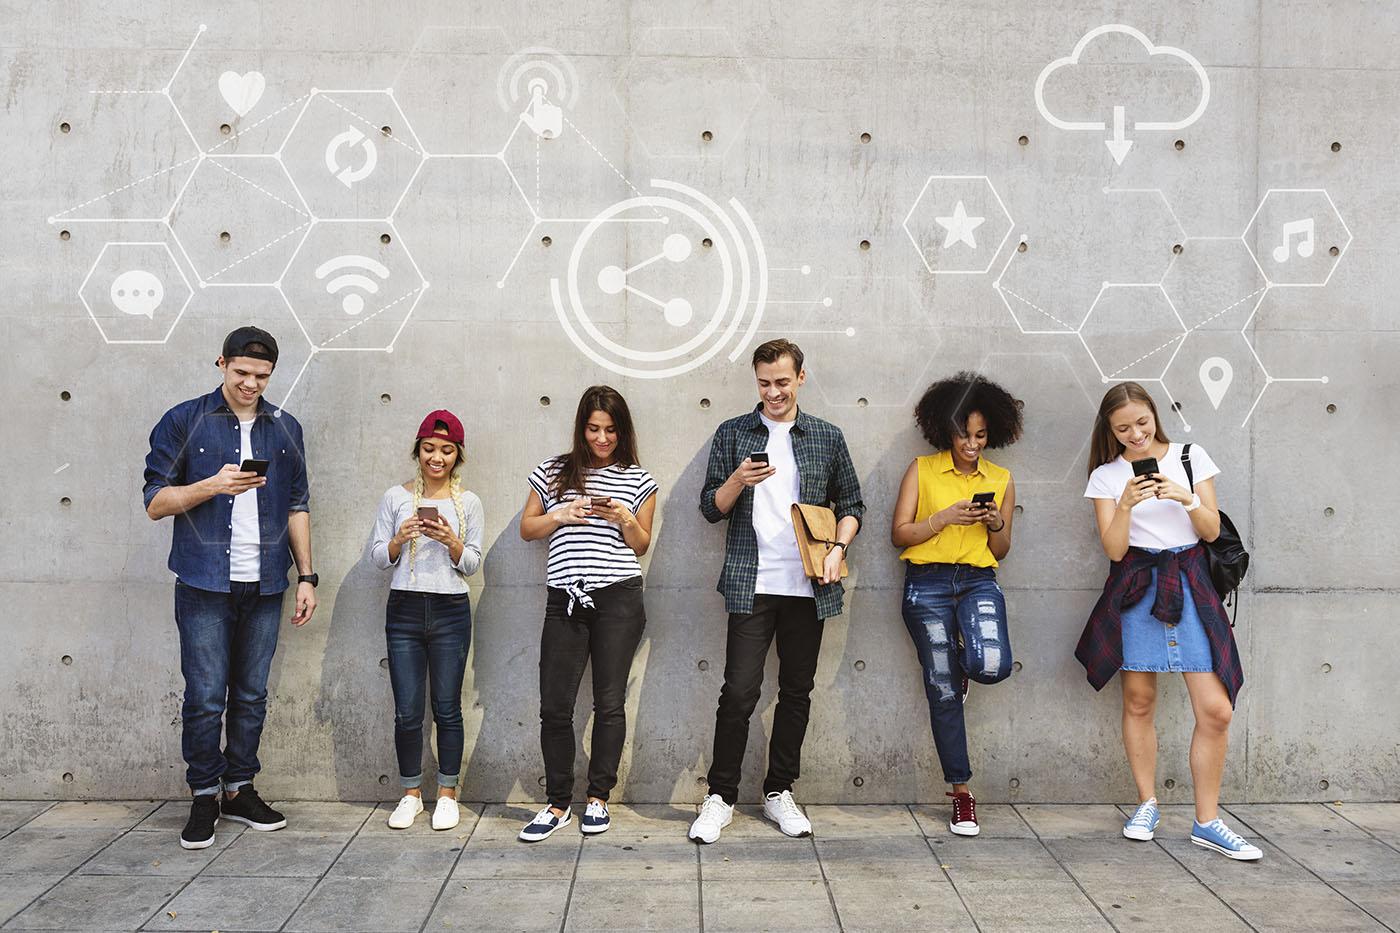 por qué todos hablan de marketing digital